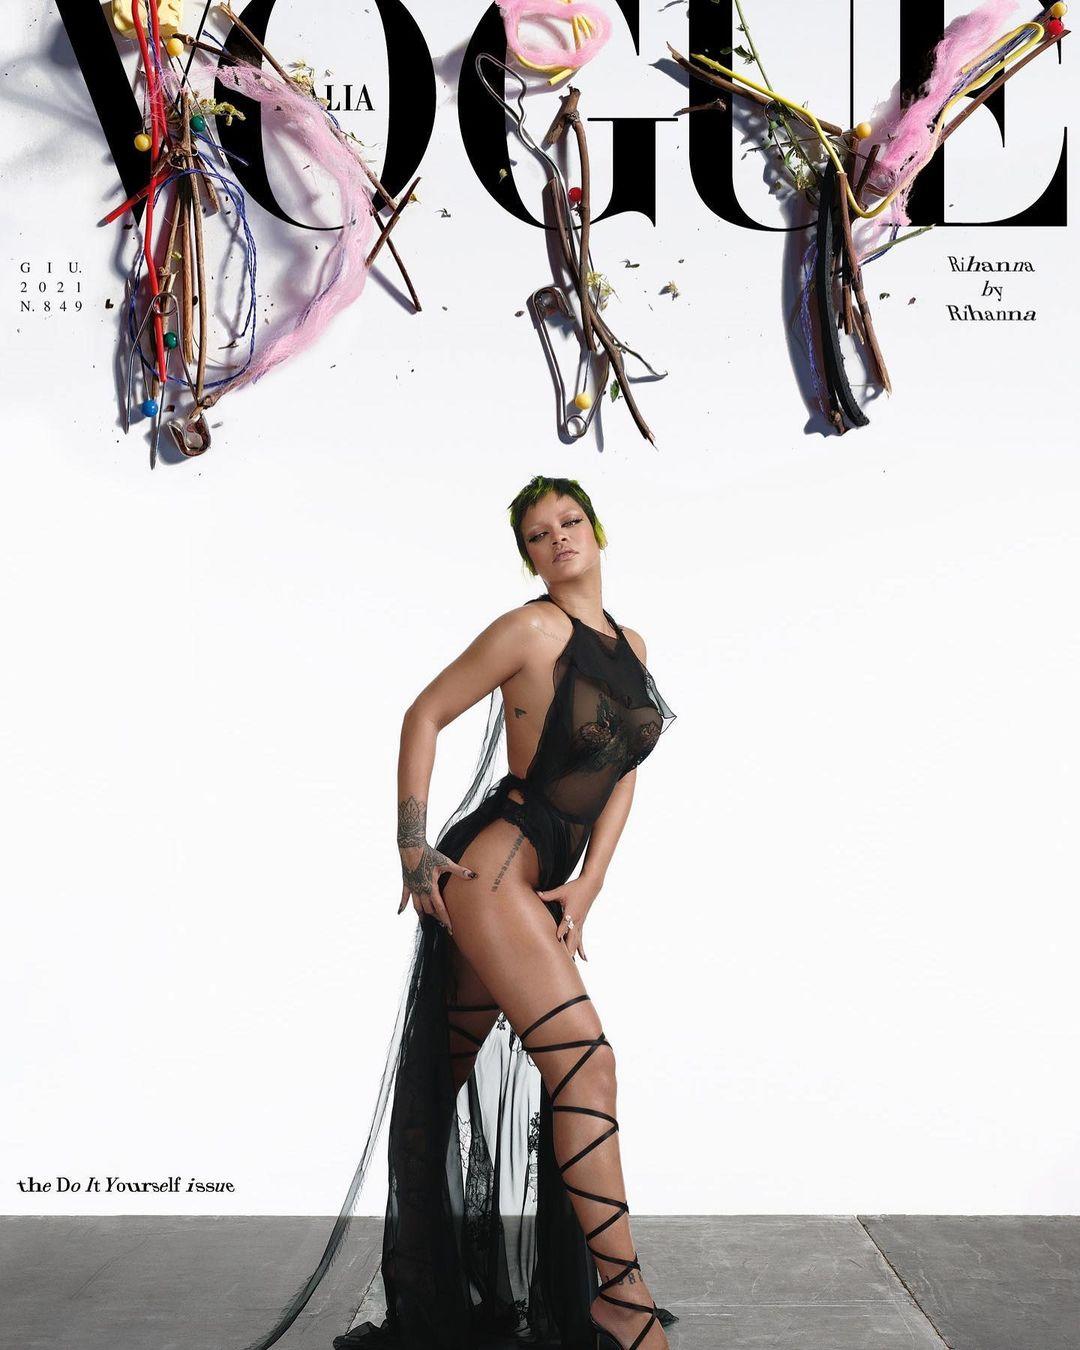 Певица Рианна снялась в стильной фотосессии для Vogue